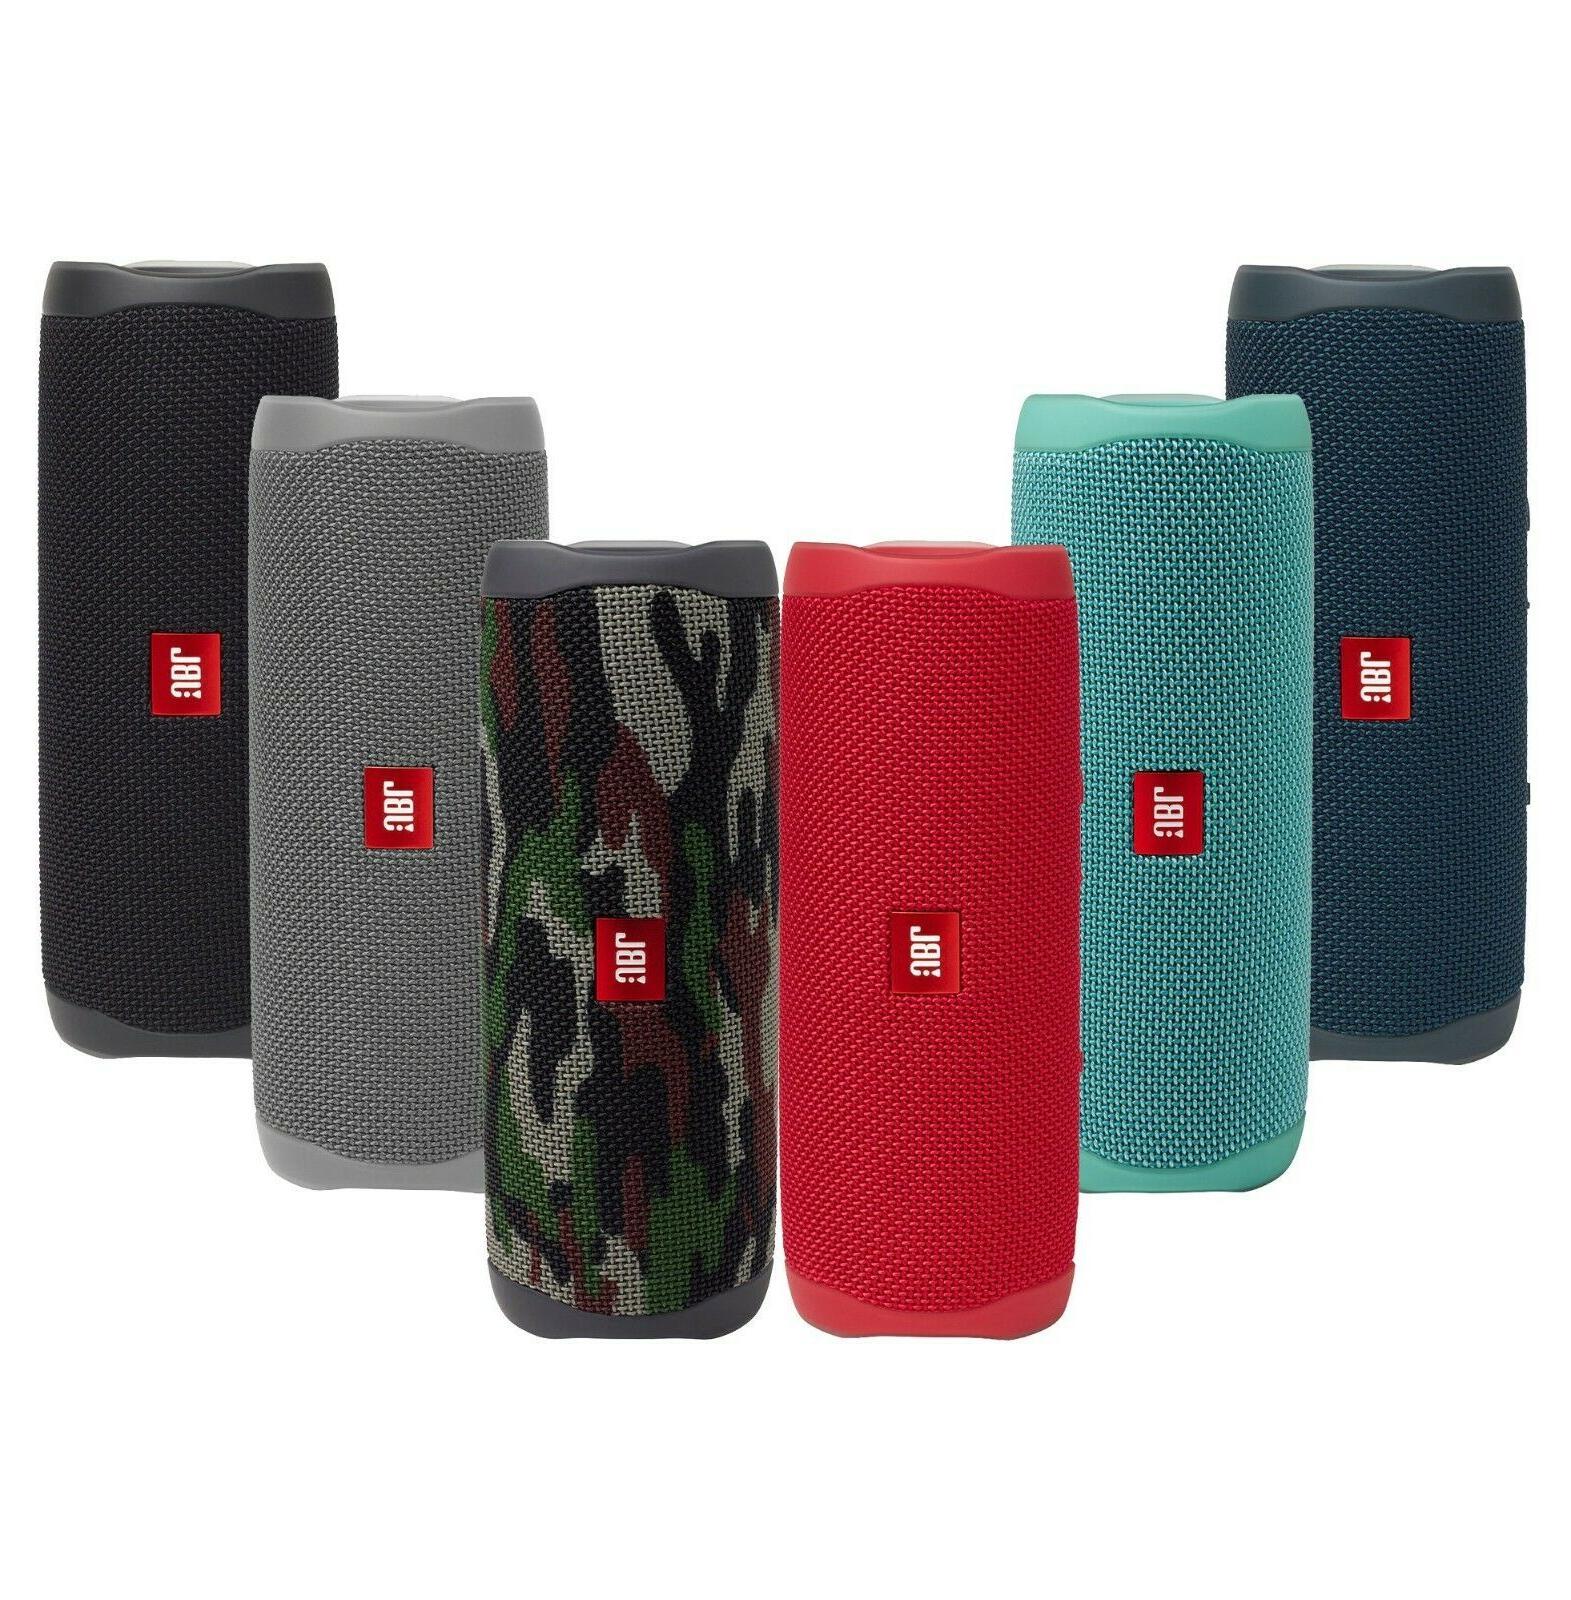 jbl flip 4 waterproof bluetooth wireless portable